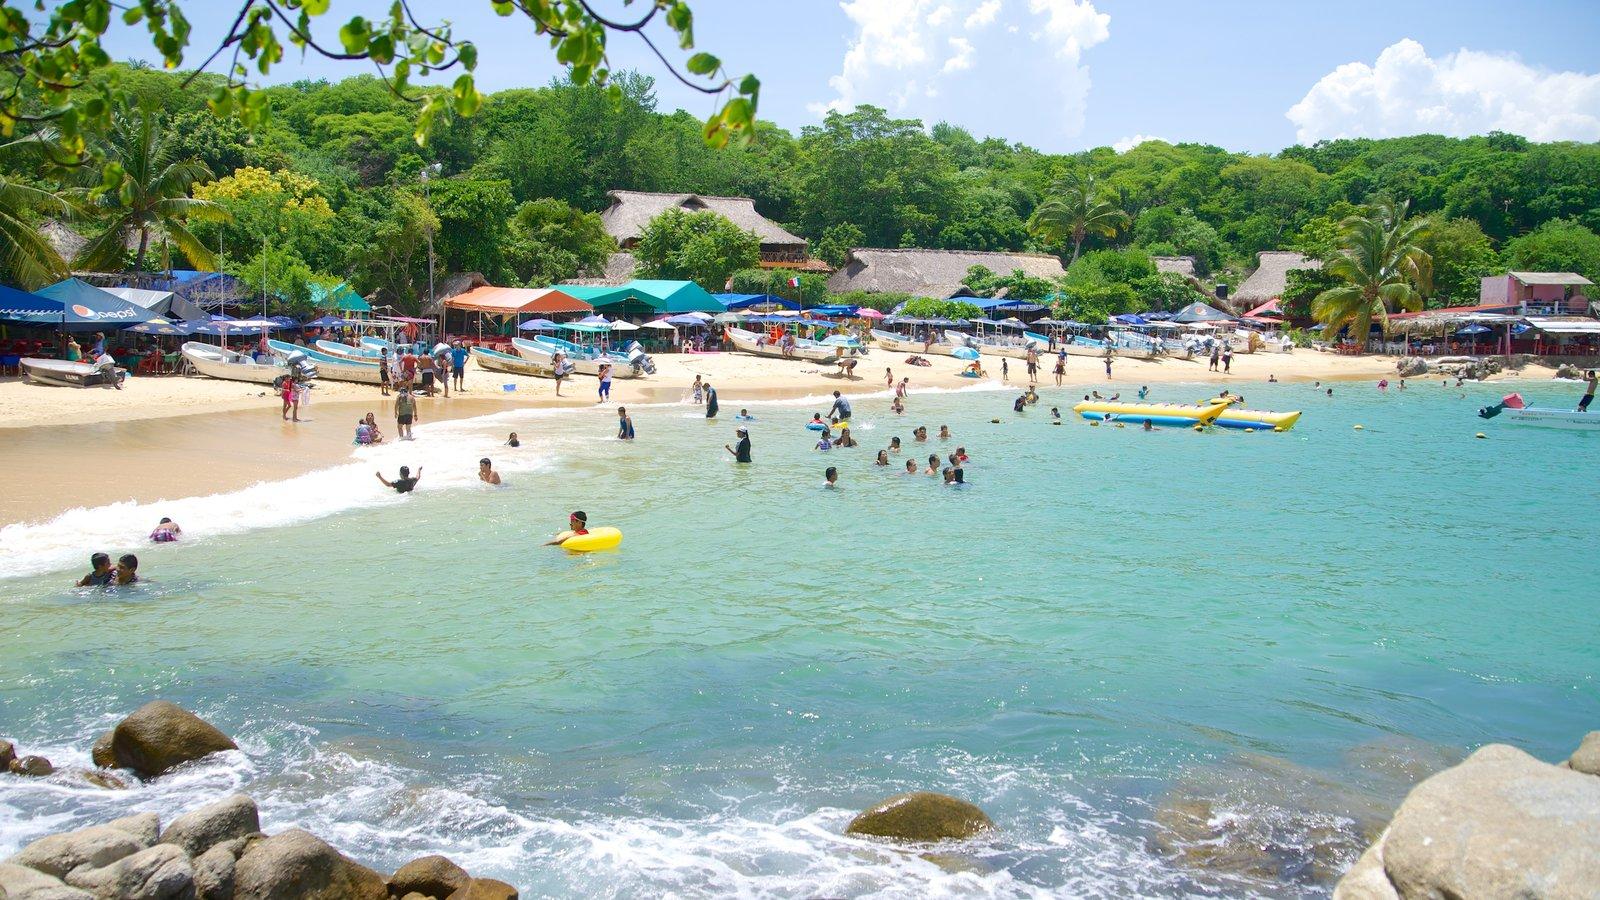 Playa Puerto Angelito mostrando una playa y natación